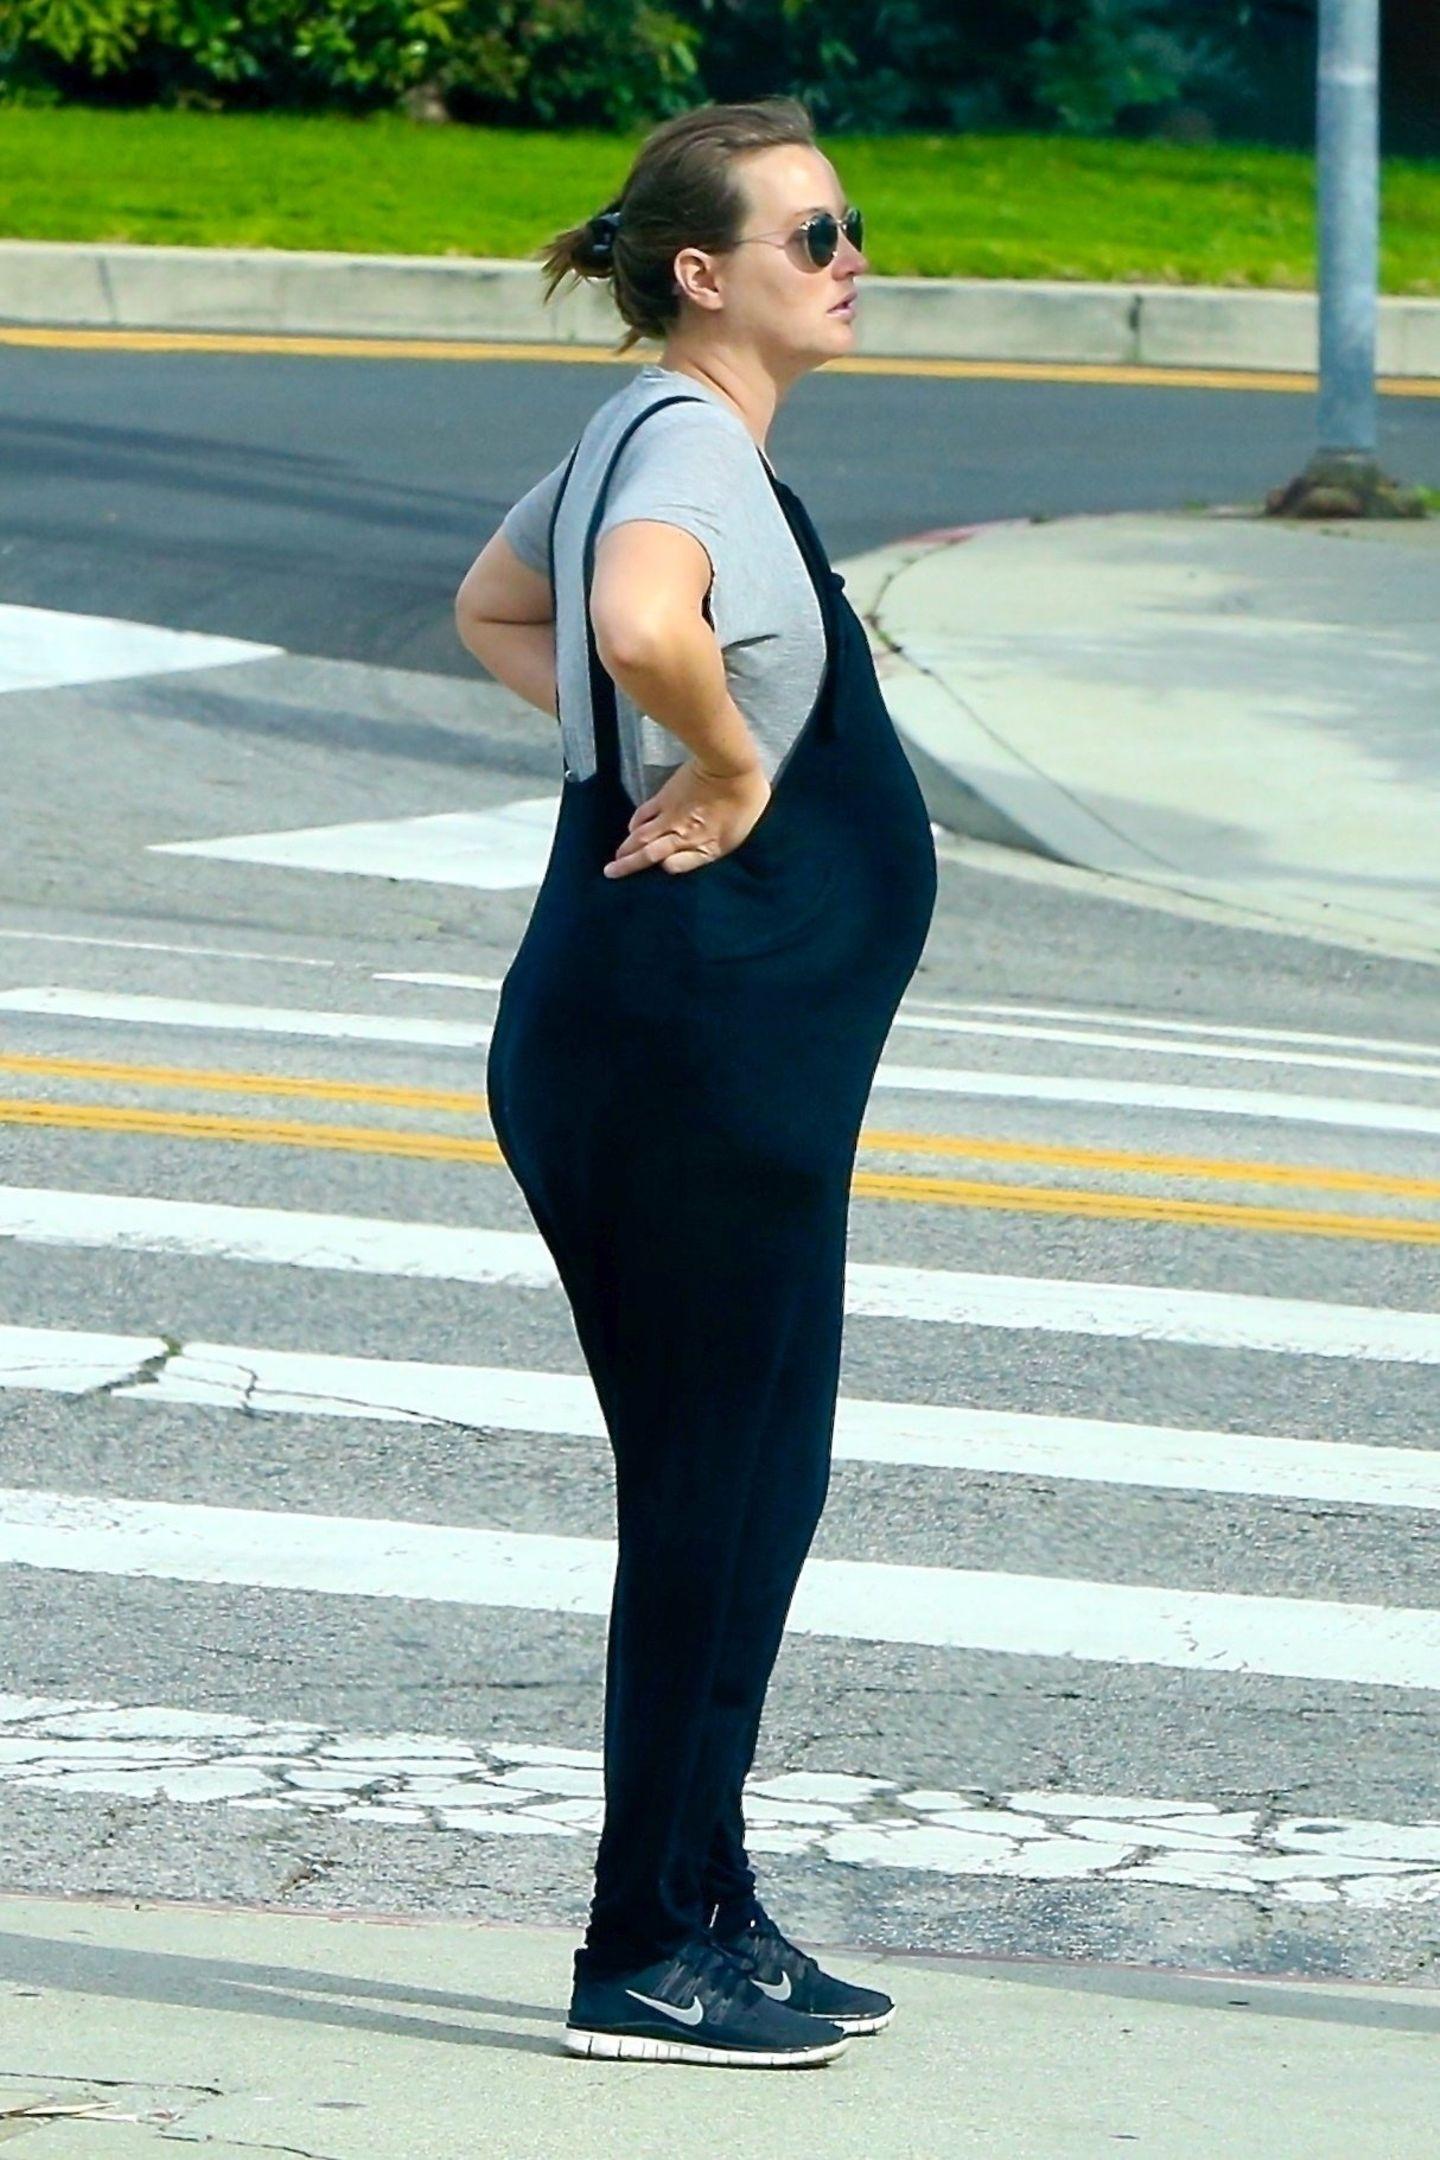 Ihre Schwangerschaft hat Leighton Meester so geheim wie möglich gehalten, doch im April wurde die schwangere Schauspielerin bei einem Spaziergang durch Los Angeles gesichtet. Nicht zu übersehen: Ihr wachsender Babybauch. Knapp fünfMonate später sollte es dann endlich soweit sein ...